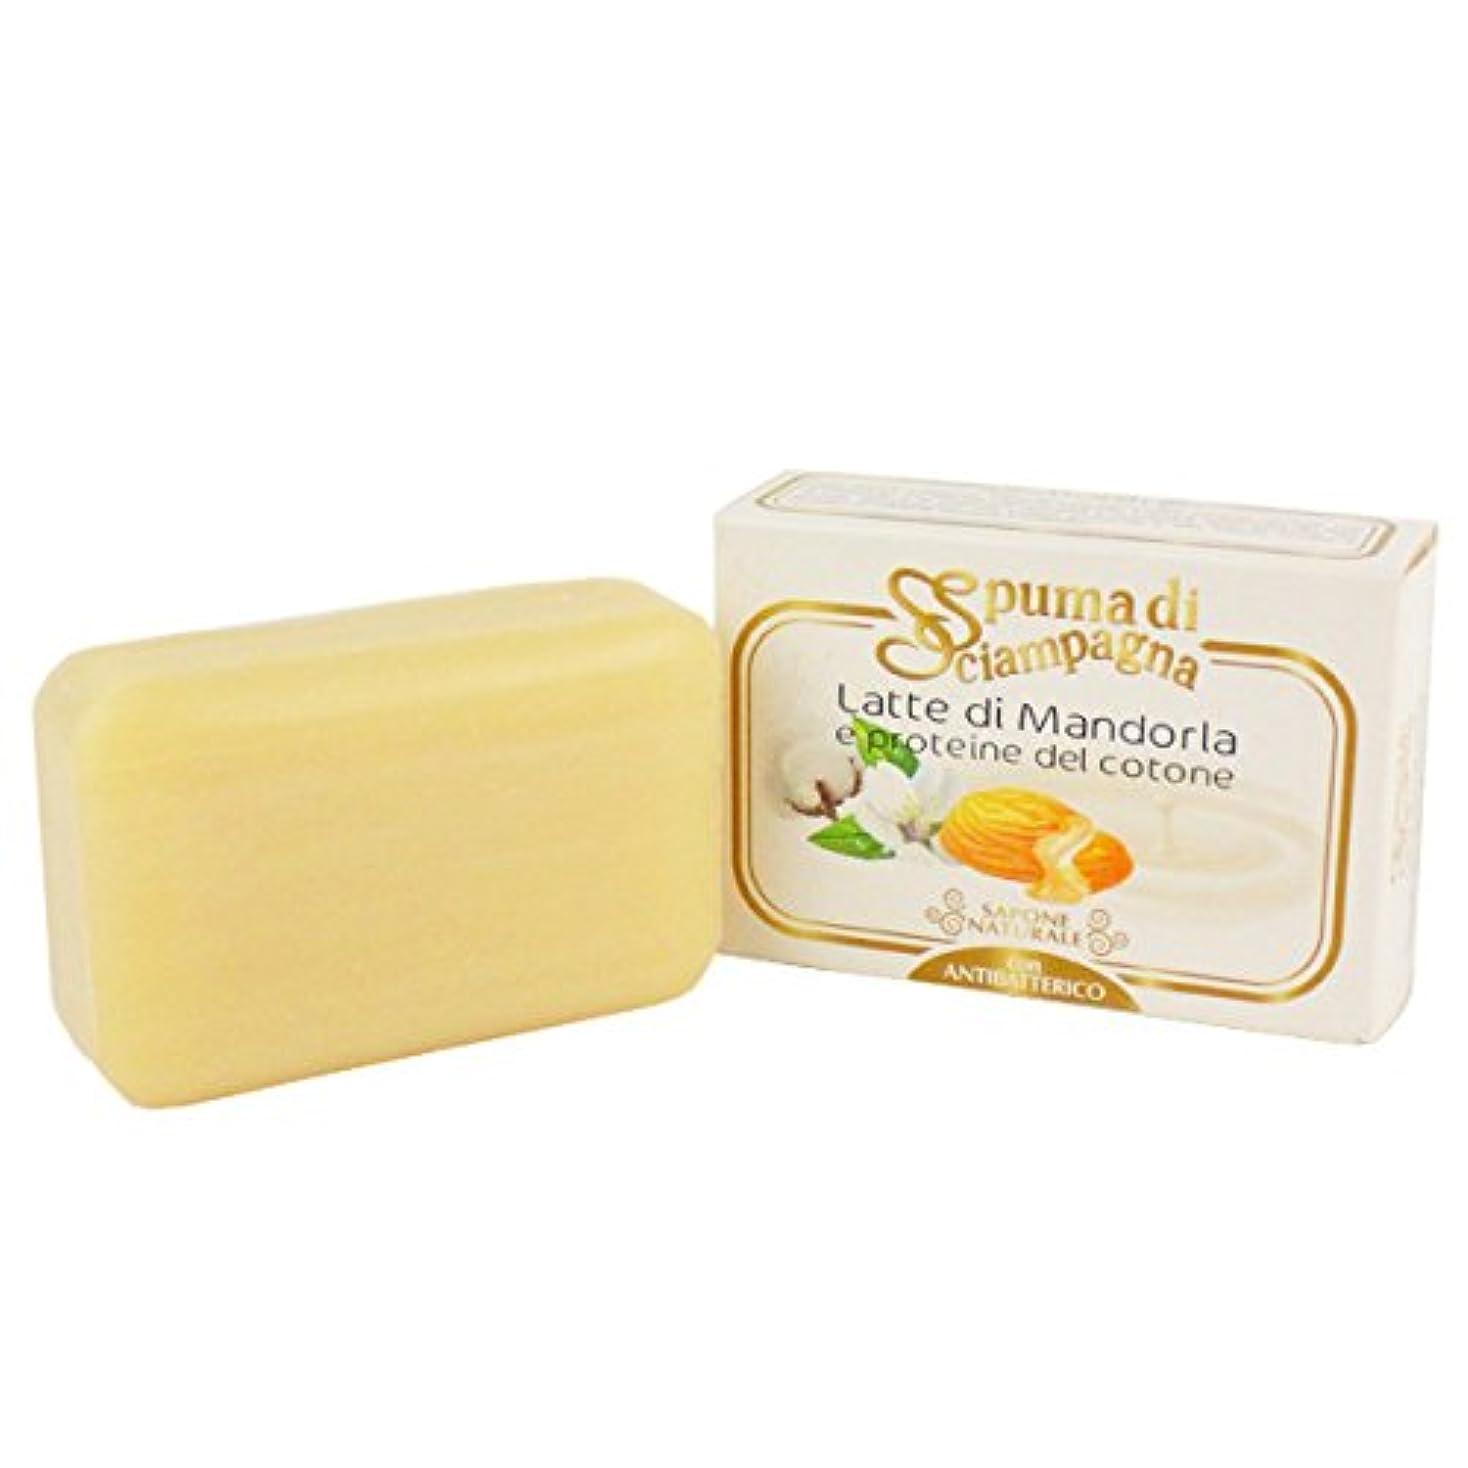 アシスト連続的ハッチSpuma di Sciampagna (スプーマ ディ シャンパーニャ) ナチュラルソープ 化粧石けん 145g アーモンドの香り